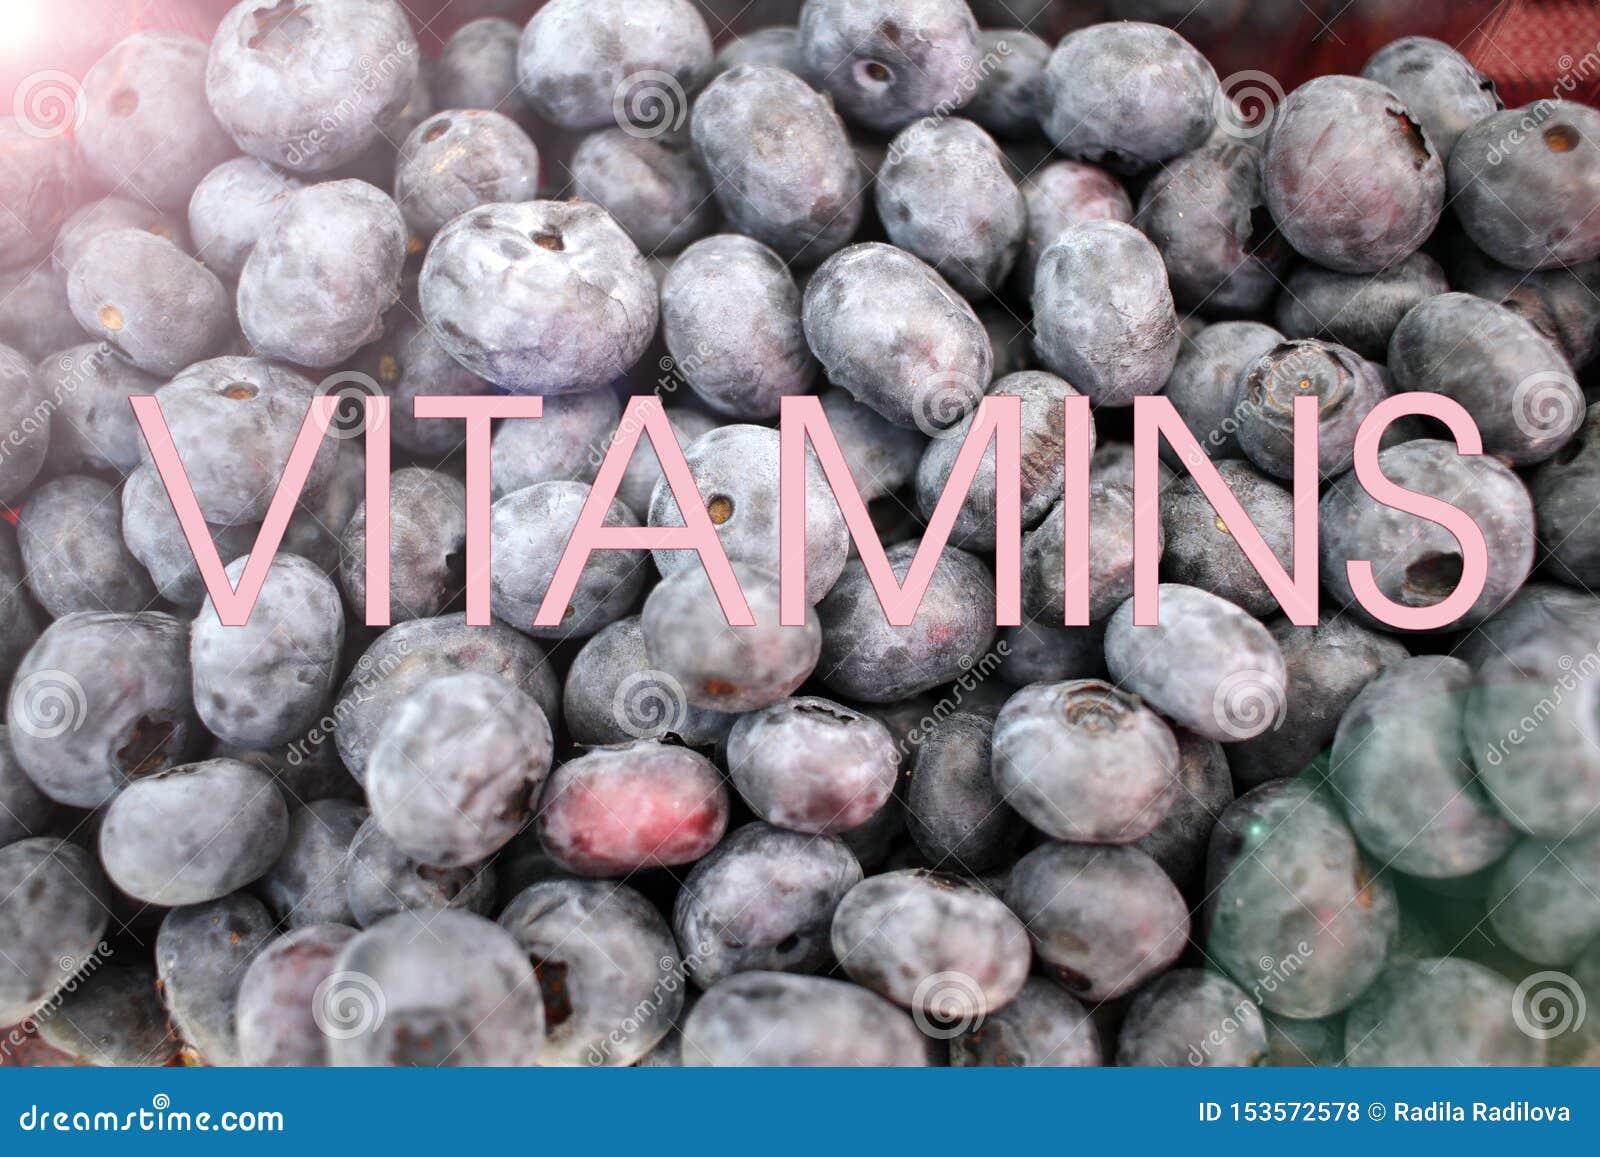 Голубика Текстура предпосылки голубик Полная рамка плодов Витамины и концепция диеты r vegetarian